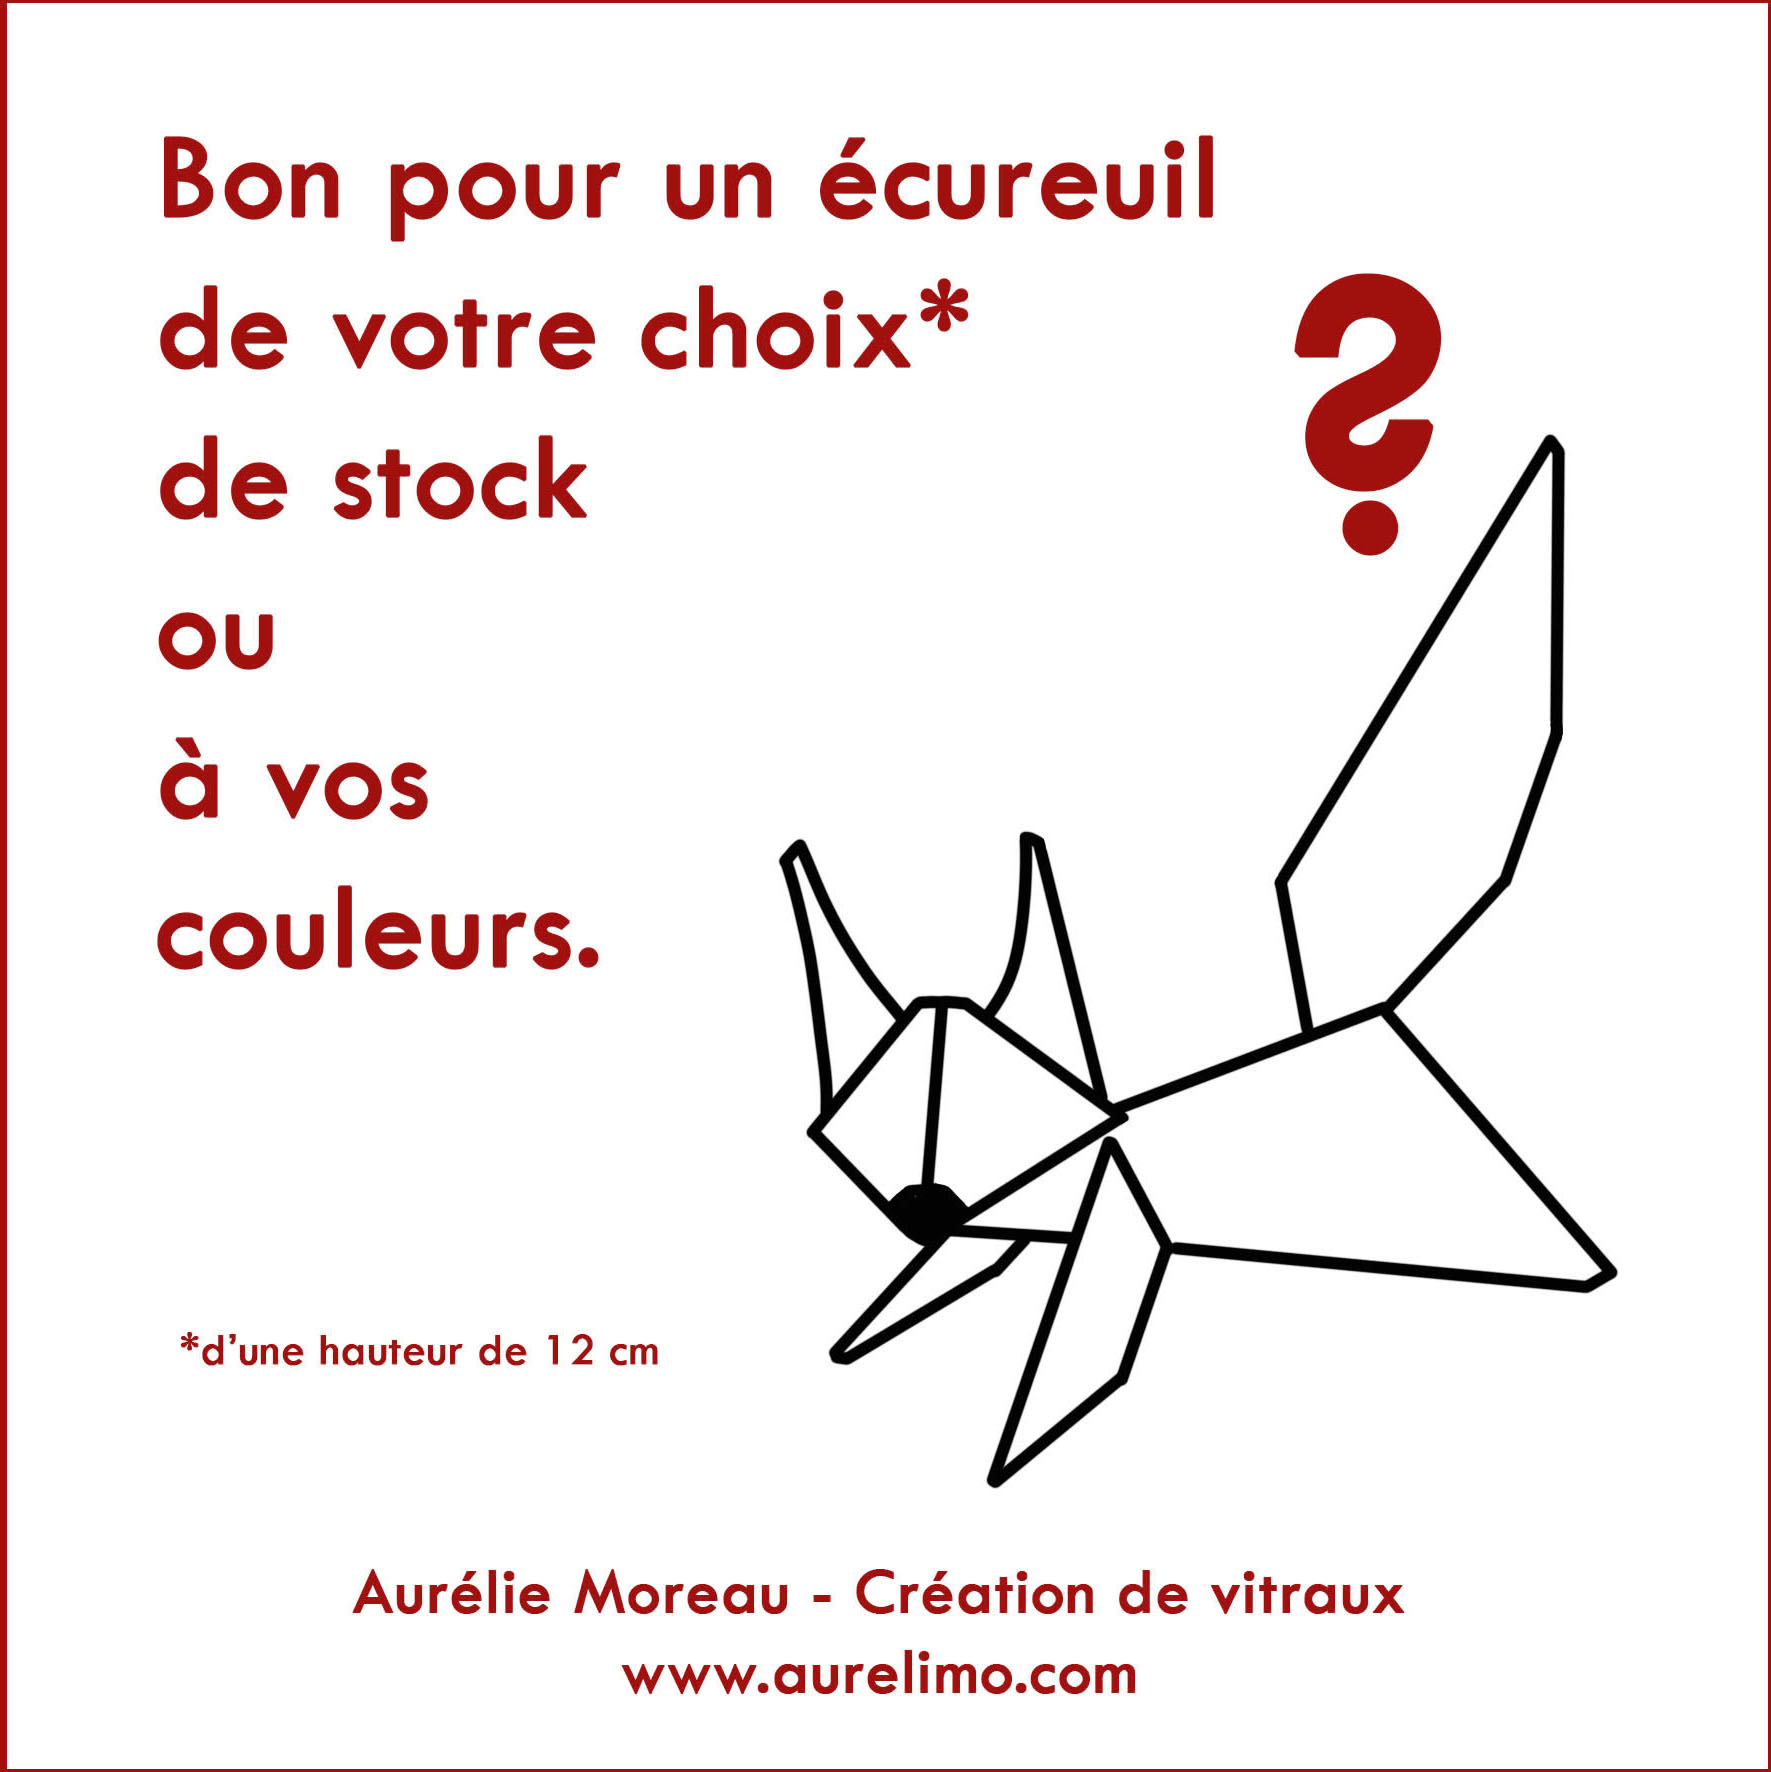 Bon pour un écureuil - Aurélie Moreau